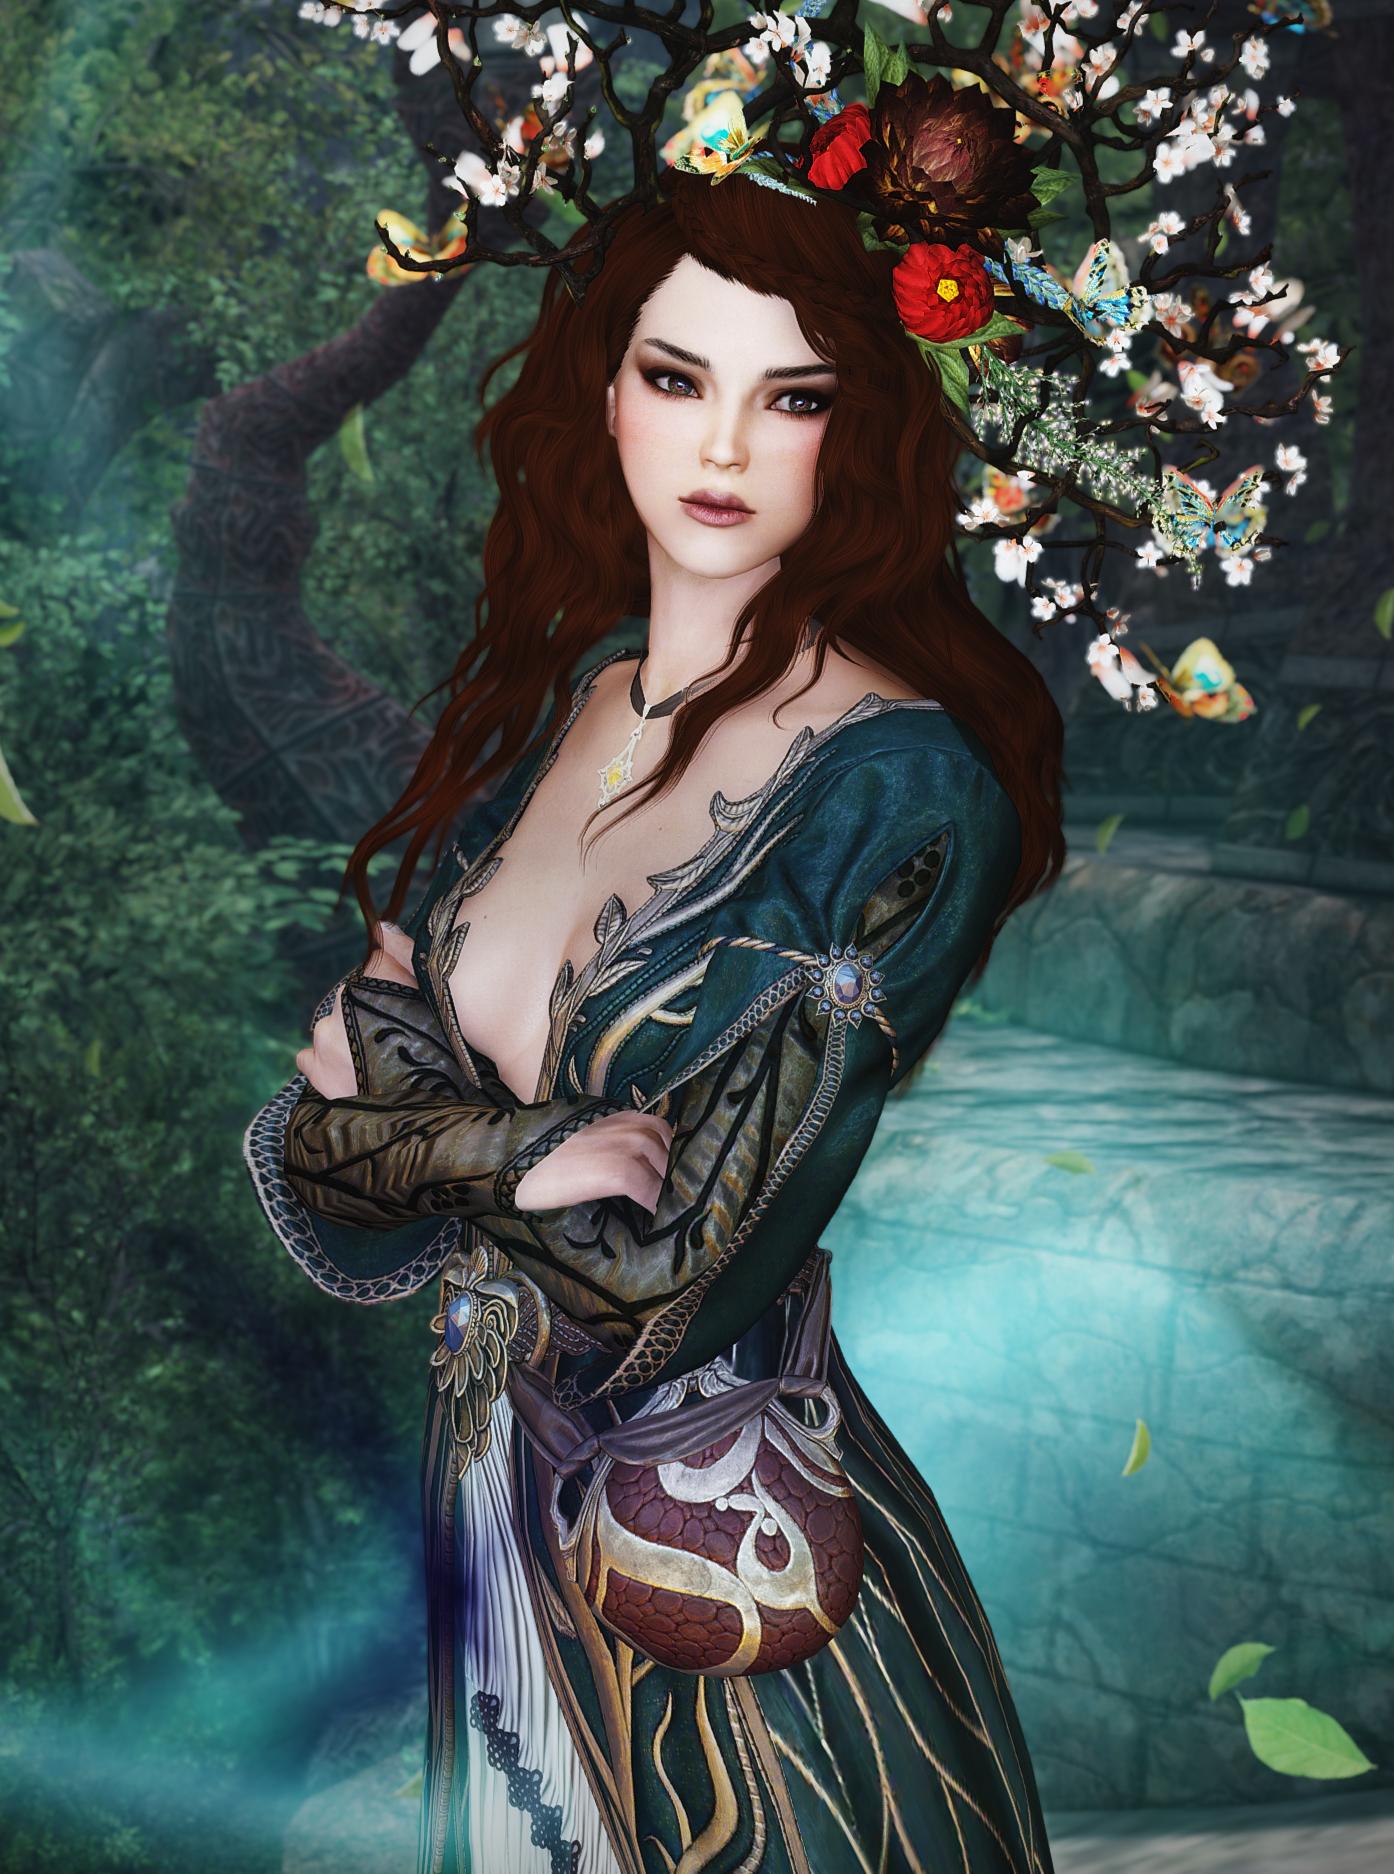 35548919440_39c4d5b0db_o.jpg - Elder Scrolls 5: Skyrim, the